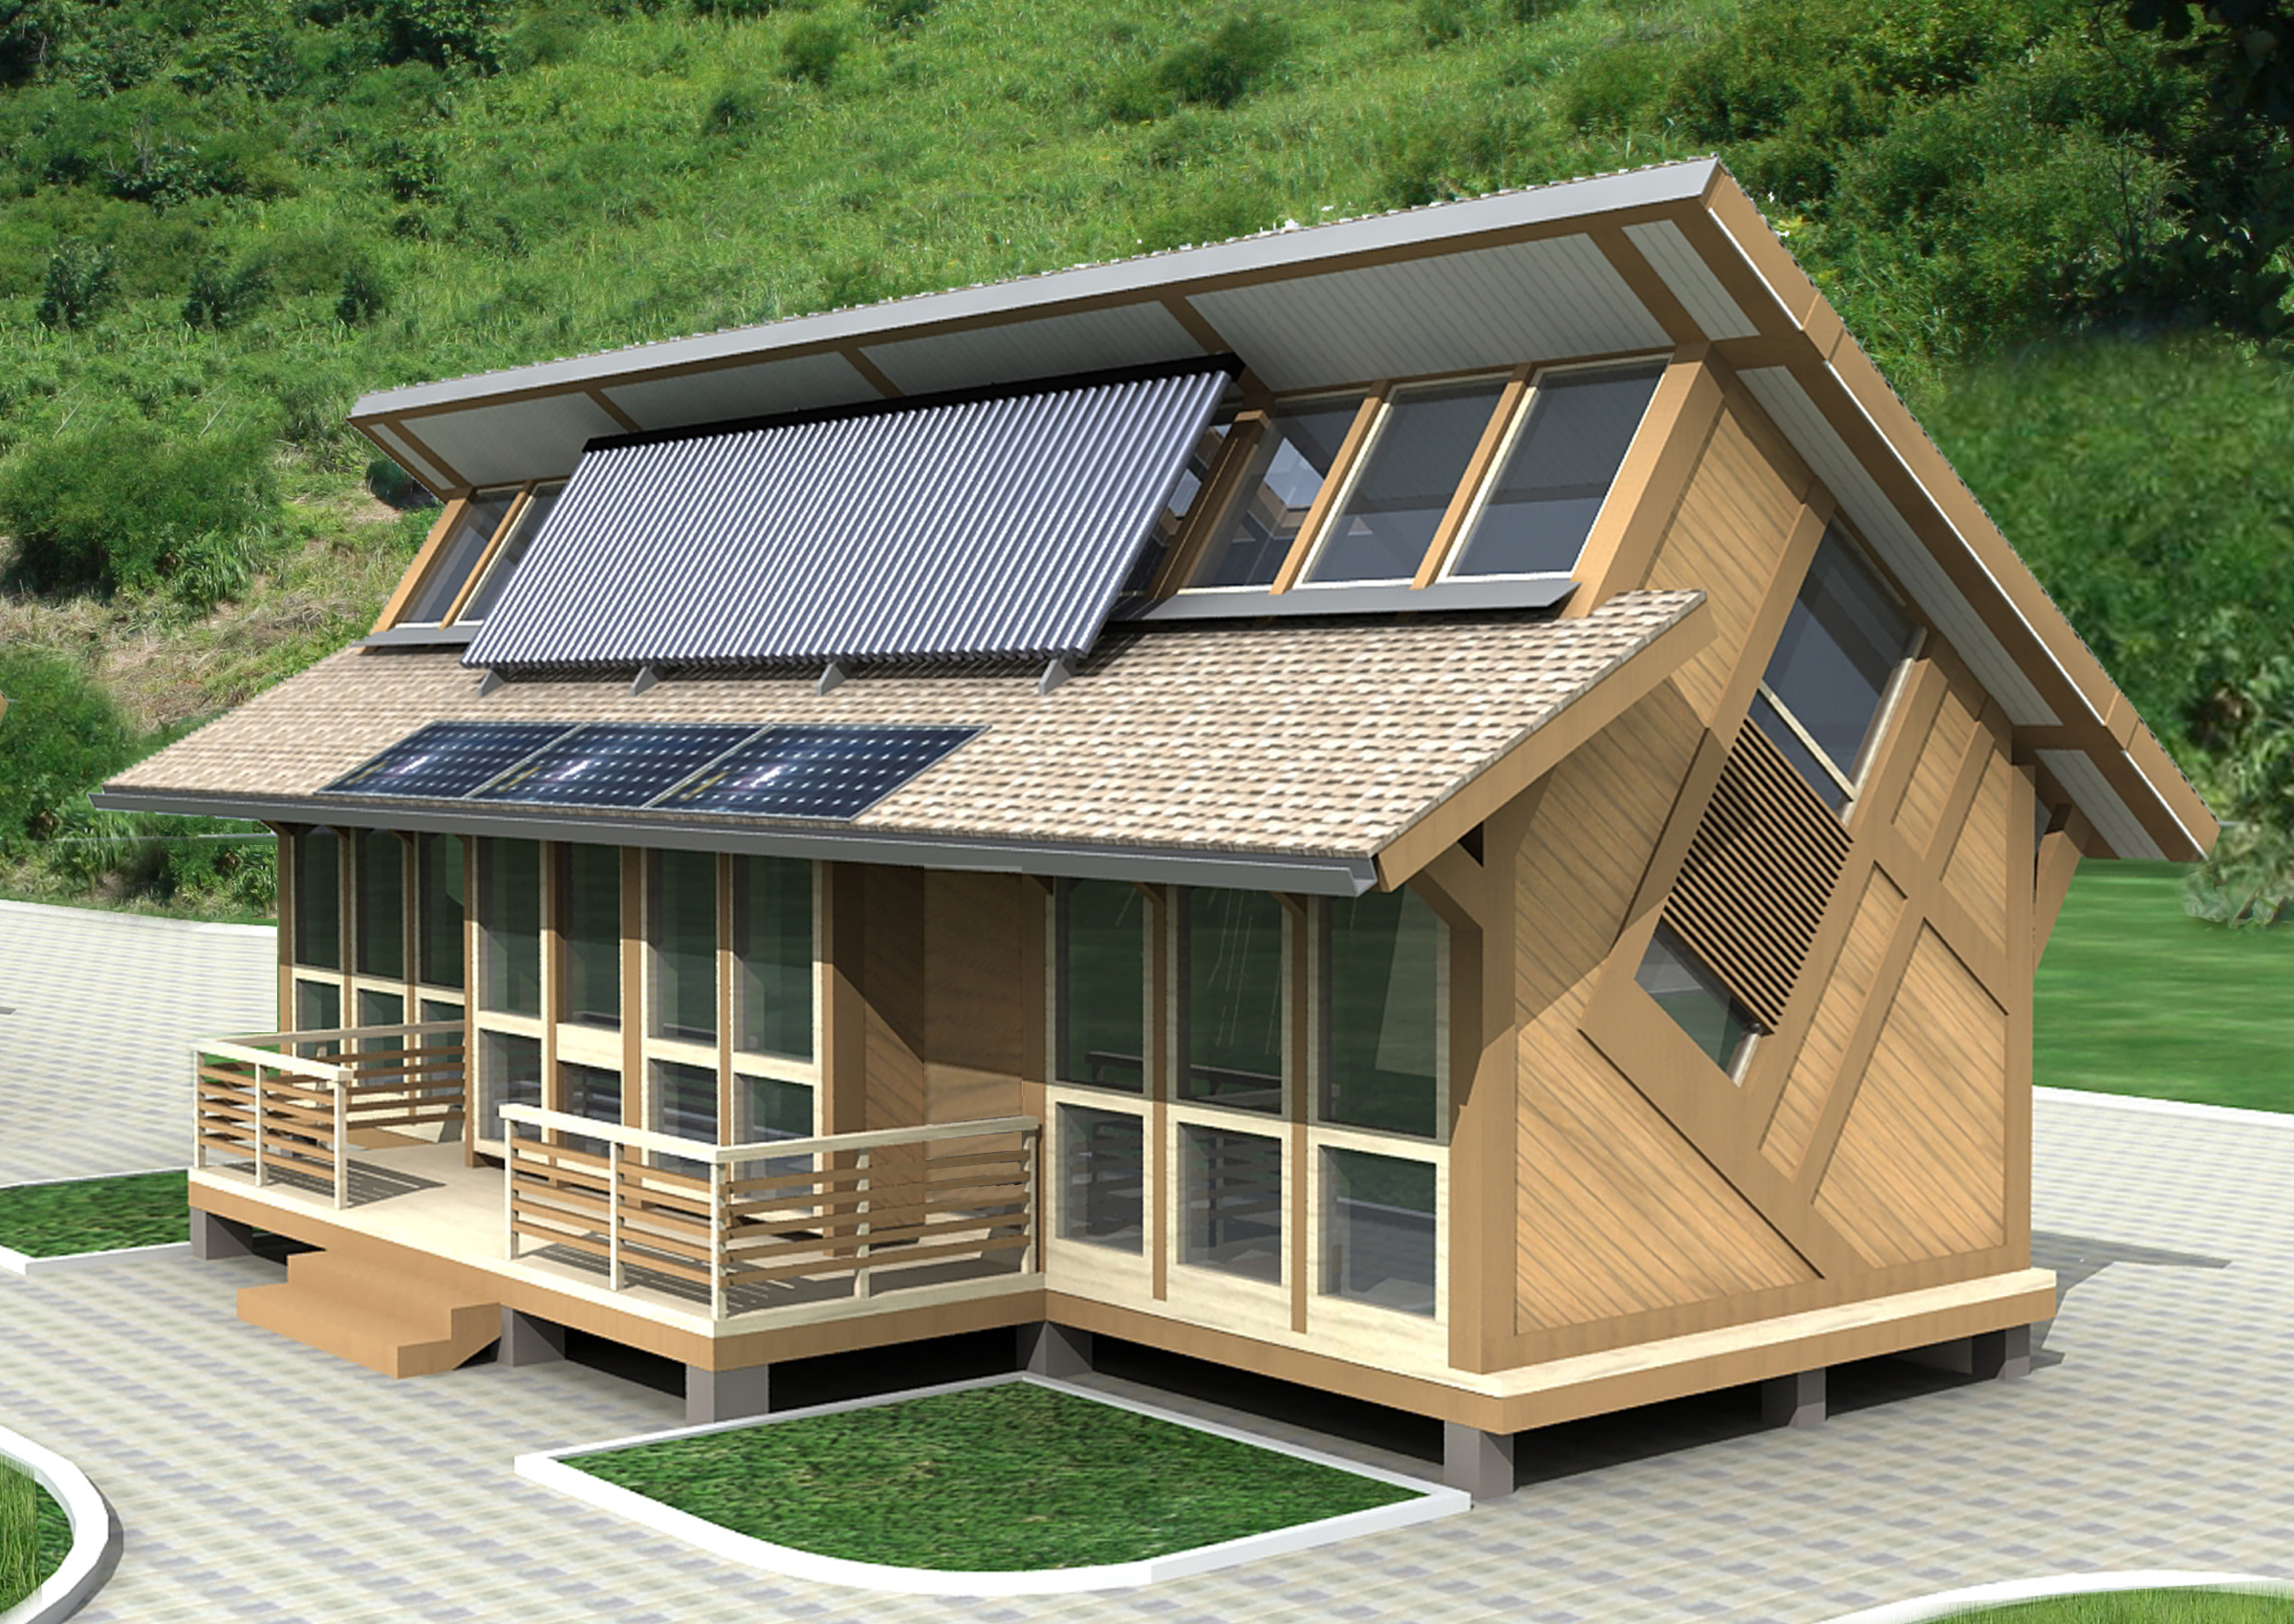 Оборудование энергоэффективного эко-дома для его автономности